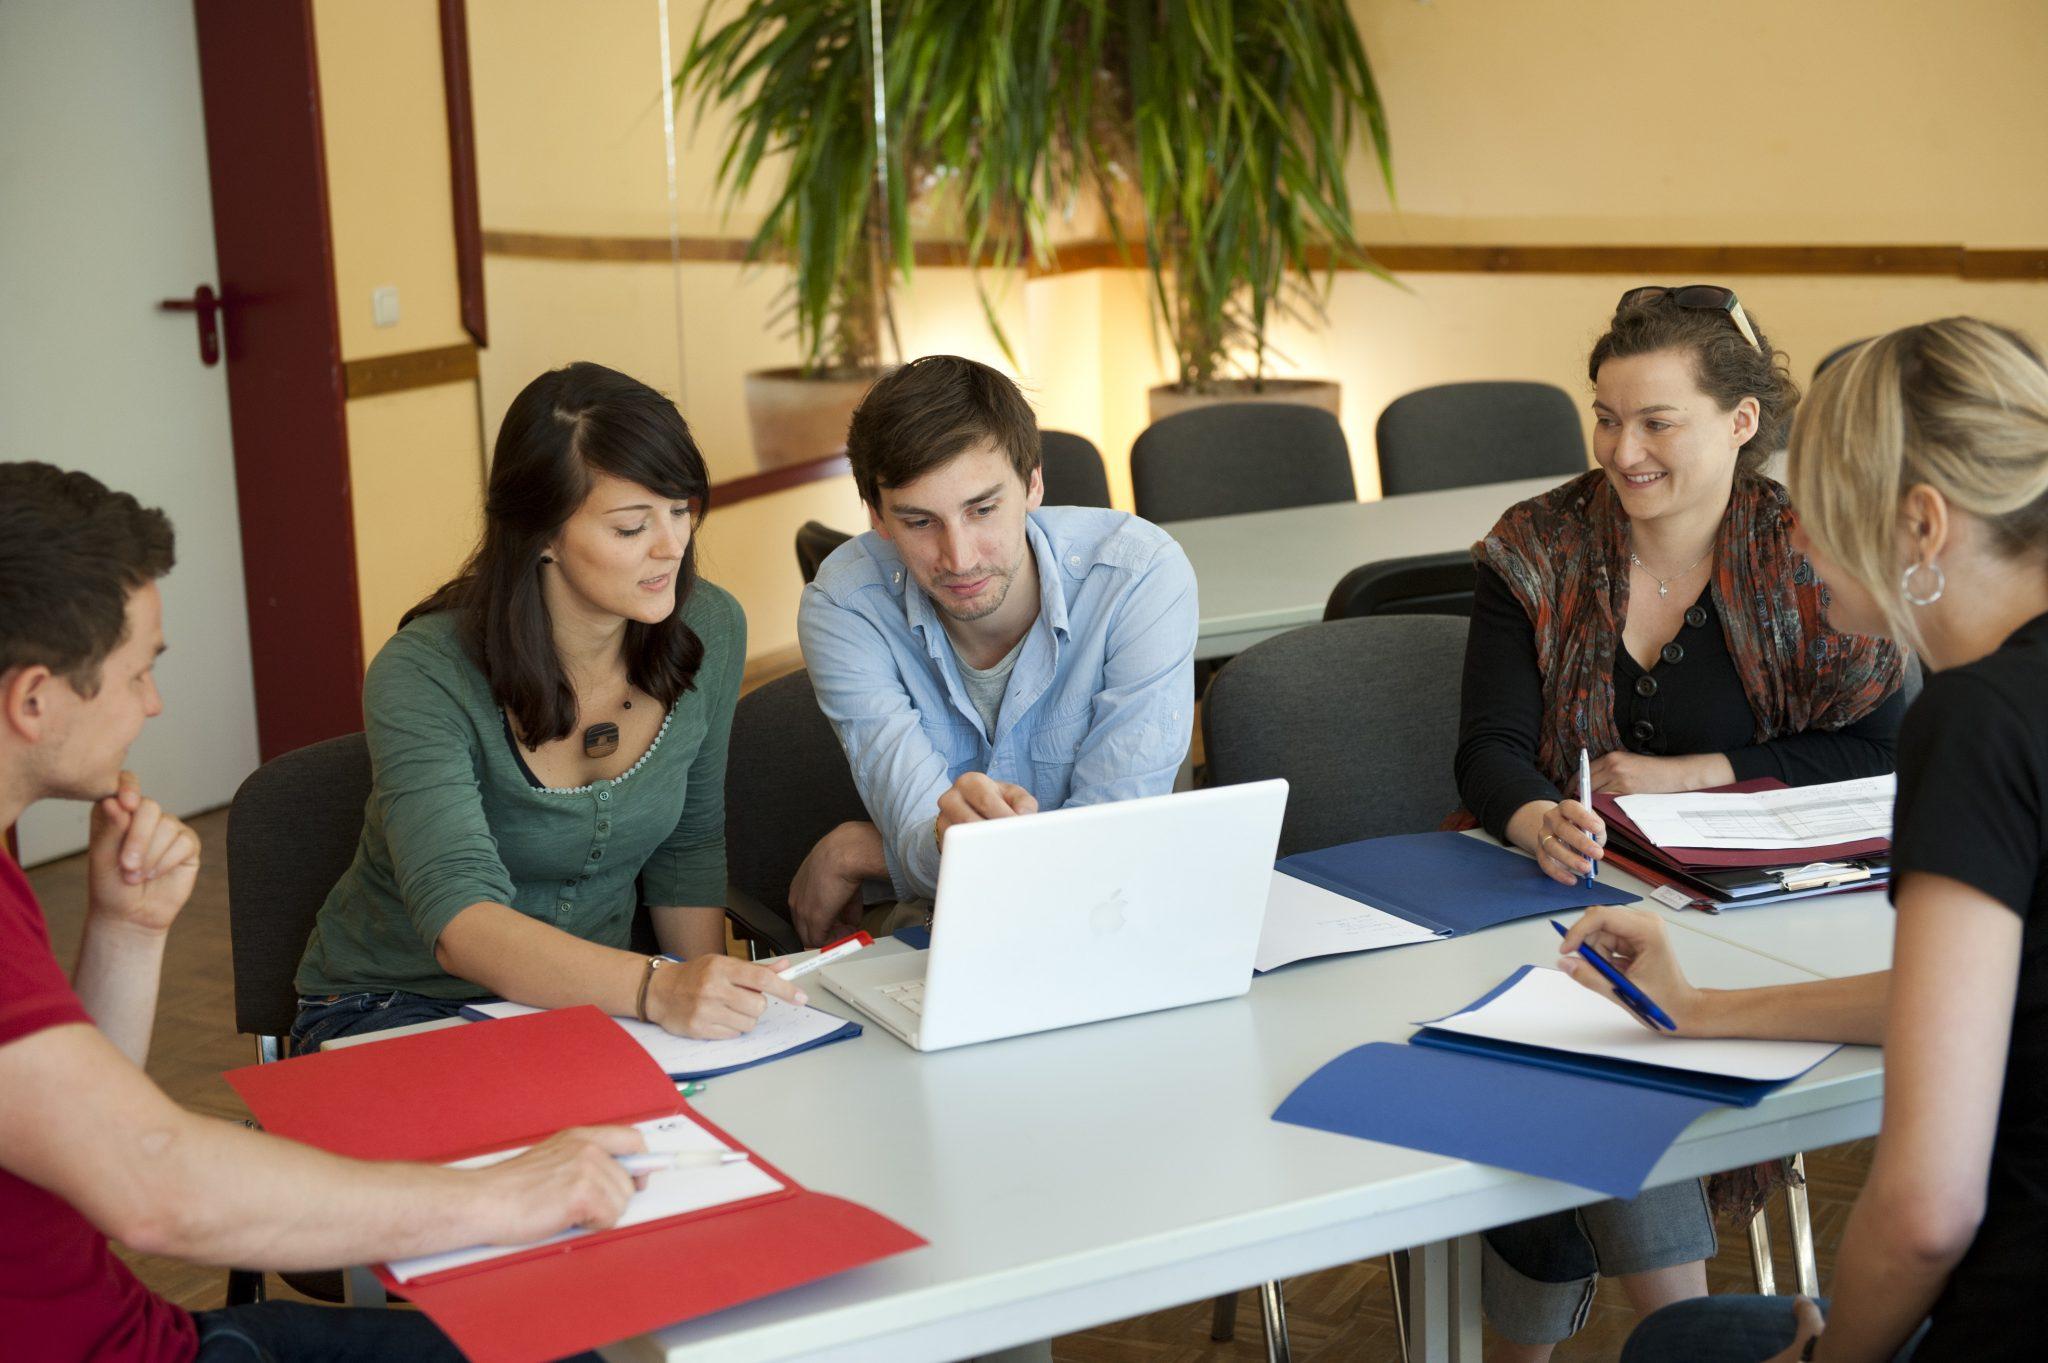 5 Personen diskutieren an einem Tisch. In der Mitte steht ein Laptop.